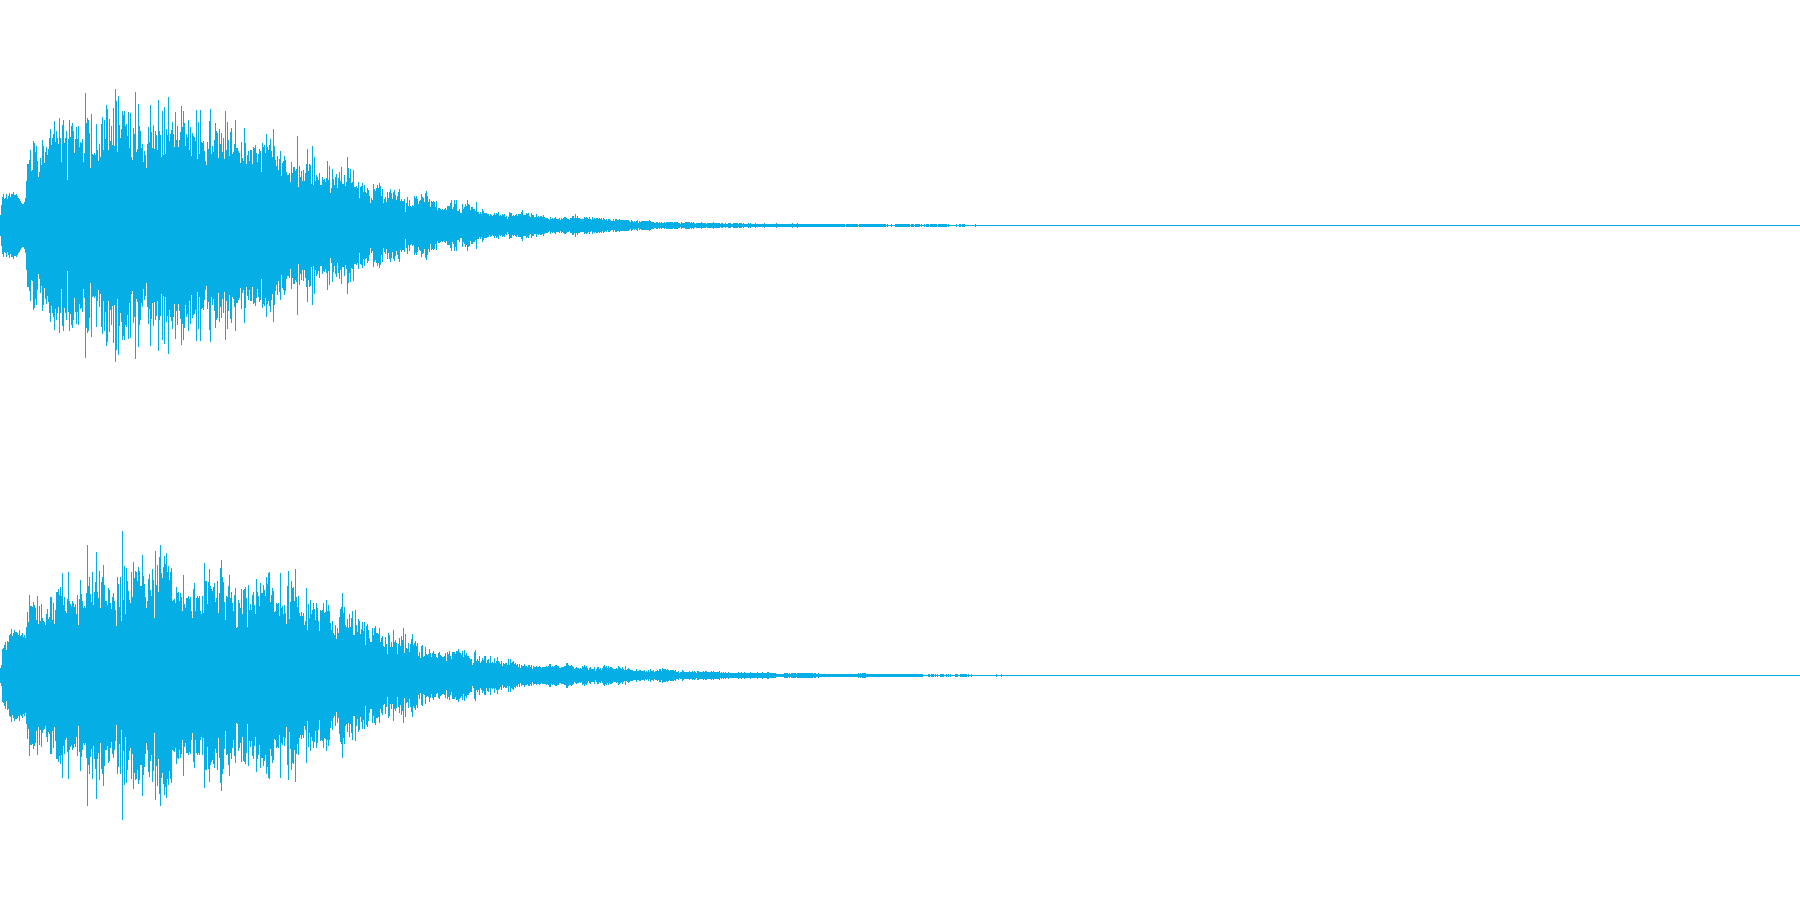 「タラララ・キラーン」すてき・場面転換の再生済みの波形